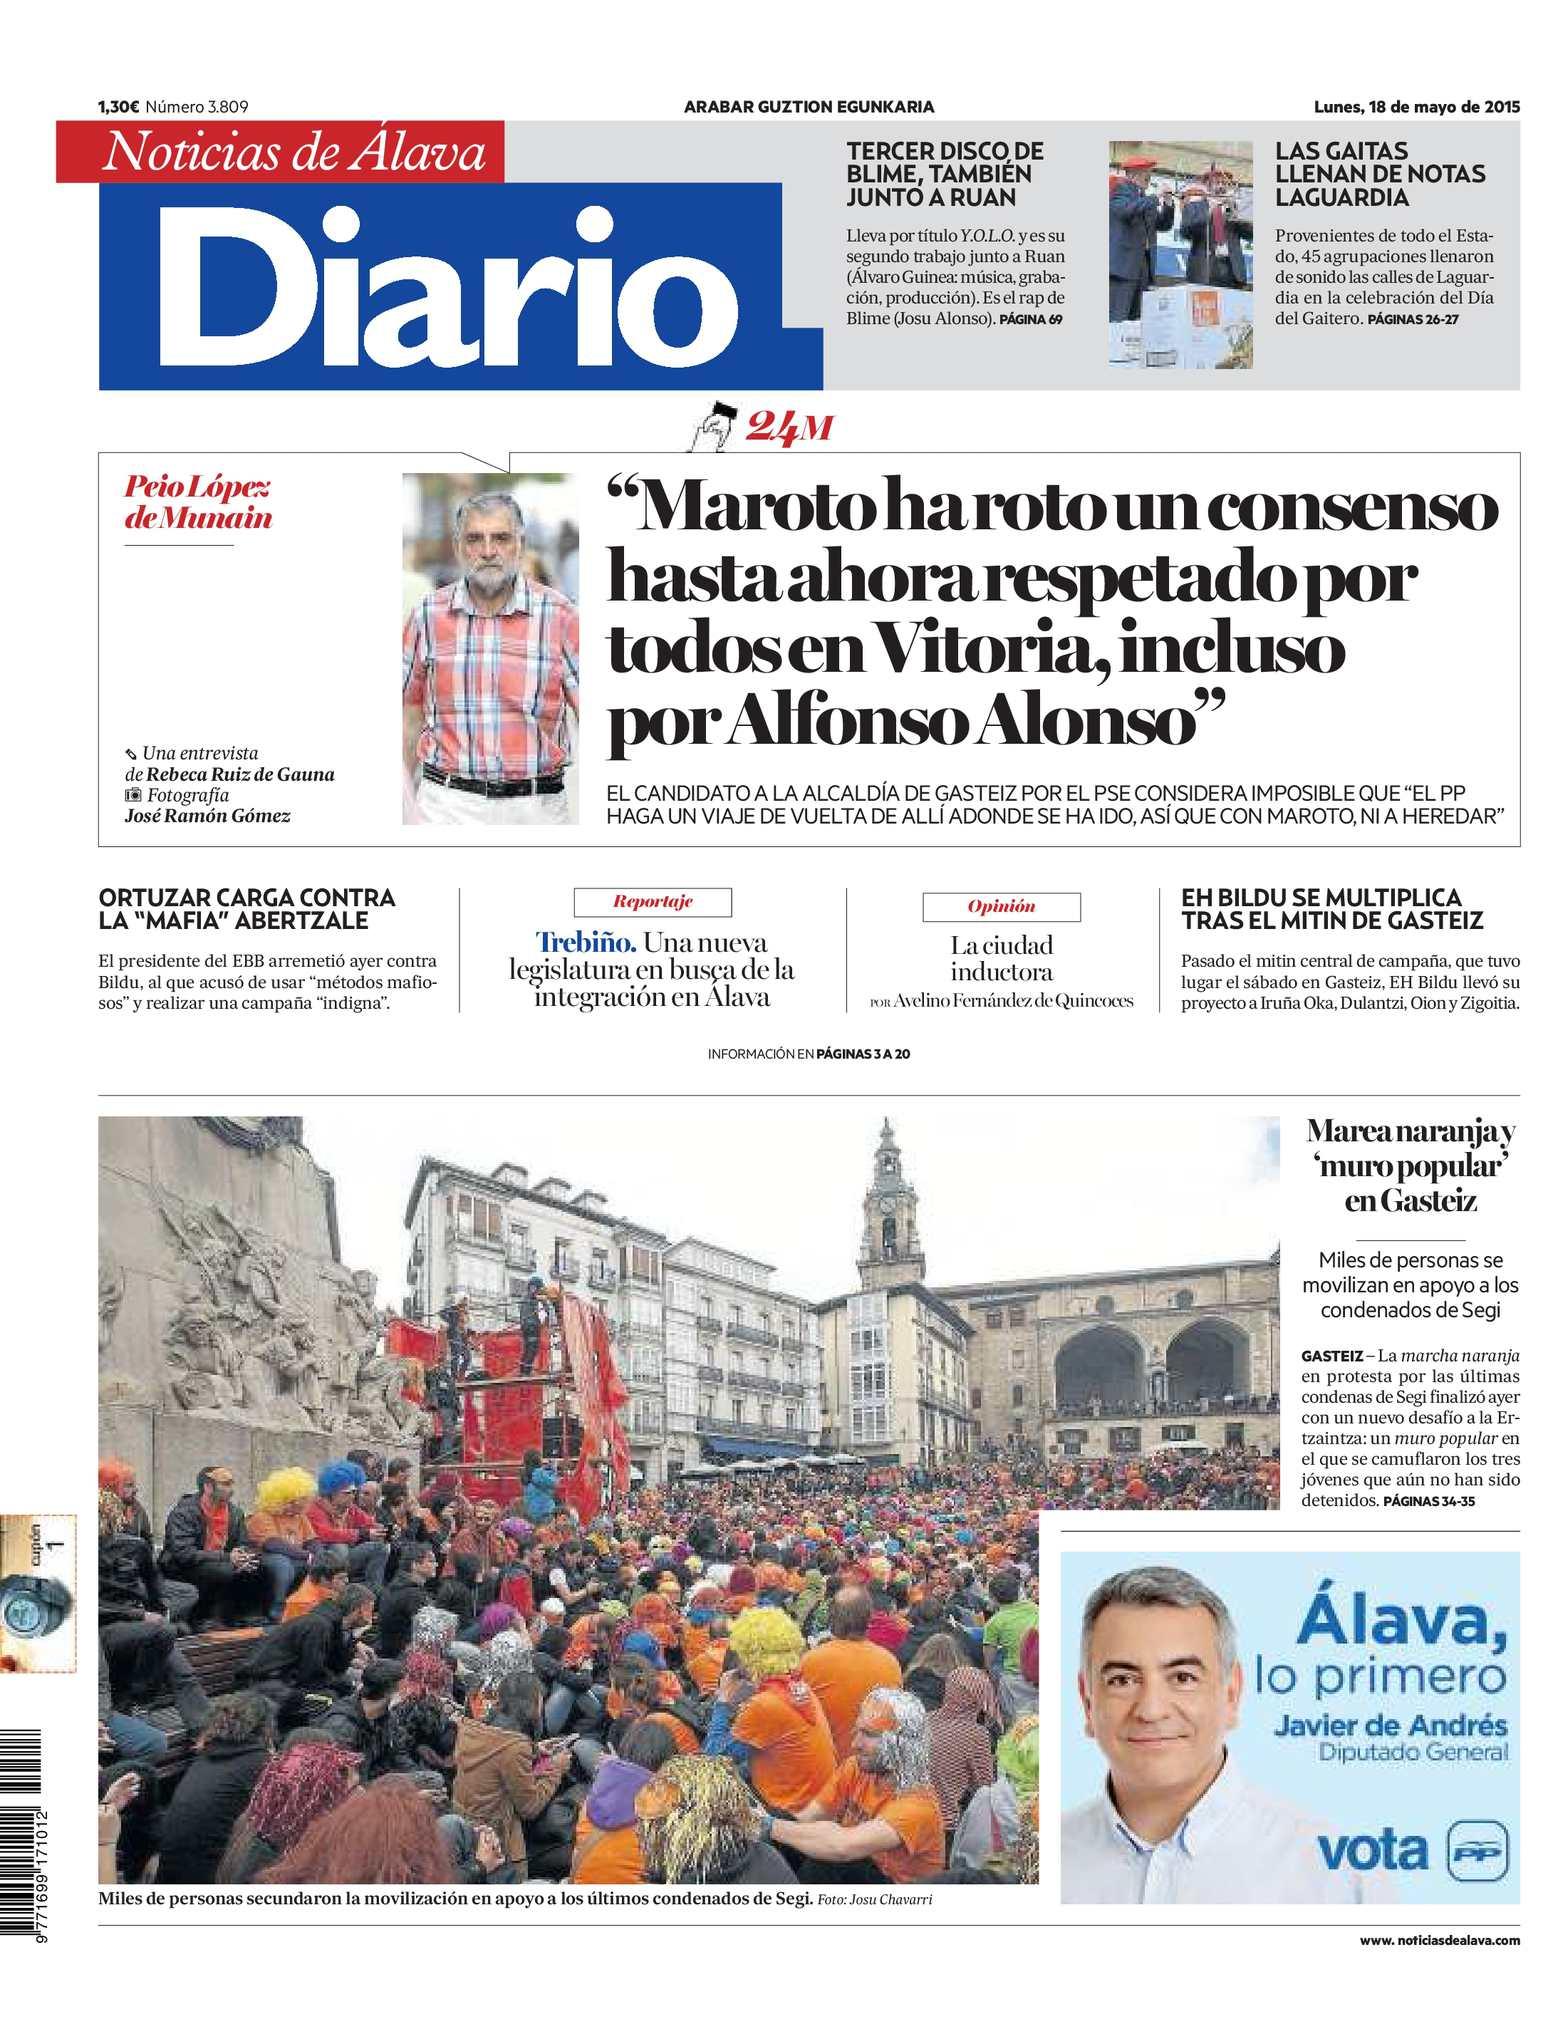 Calaméo - Diario de Noticias de Álava 20150518 8744c683a40d